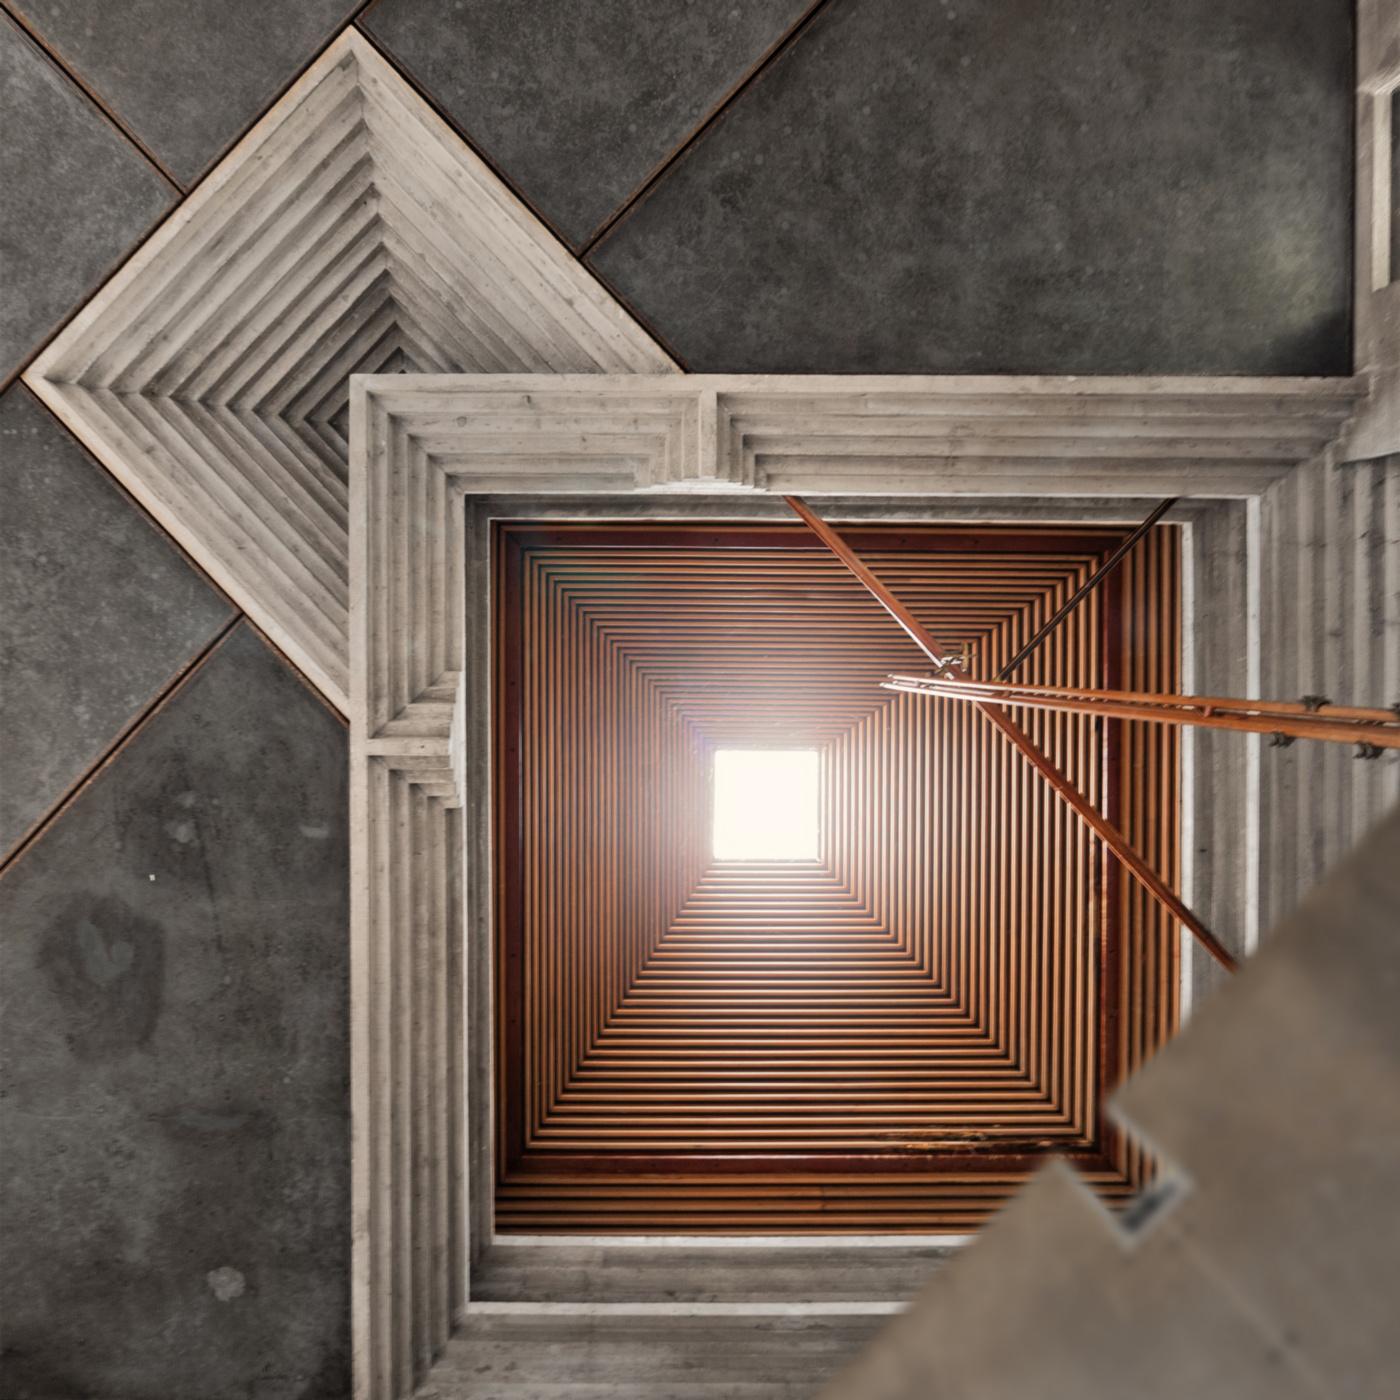 La Tomba Brion di Carlo Scarpa nelle fotografie di Carlo Deregibus | isola ottava